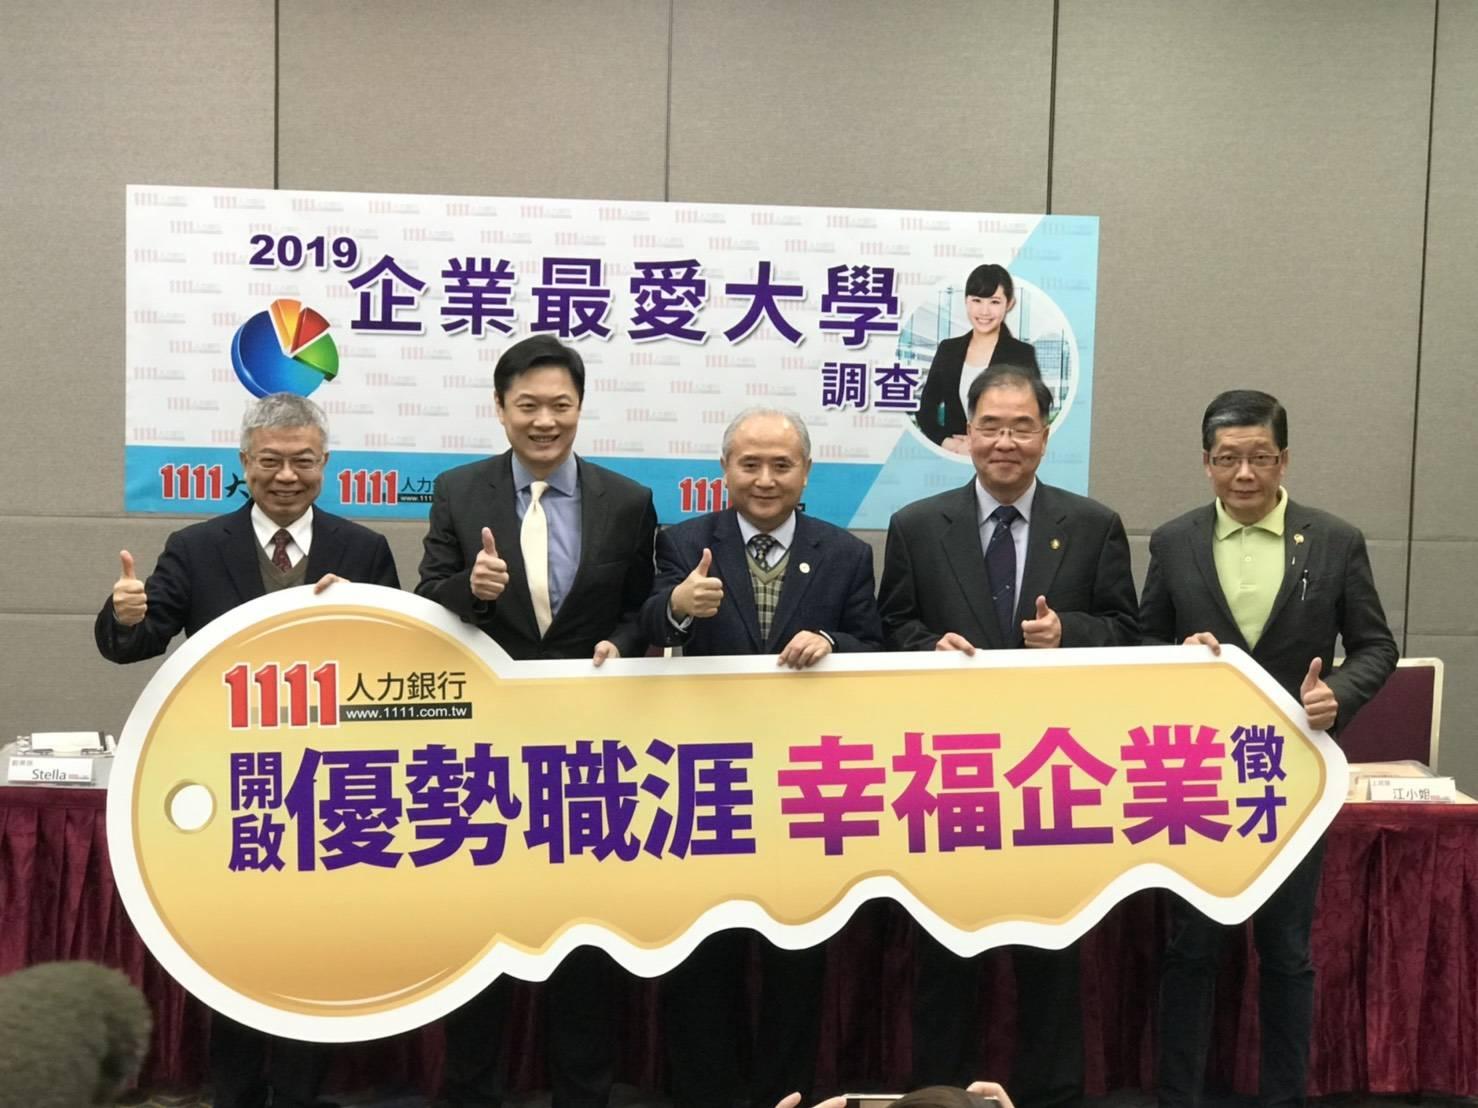 2019企業最愛 台大、北科大奪冠-2019企業最愛大學